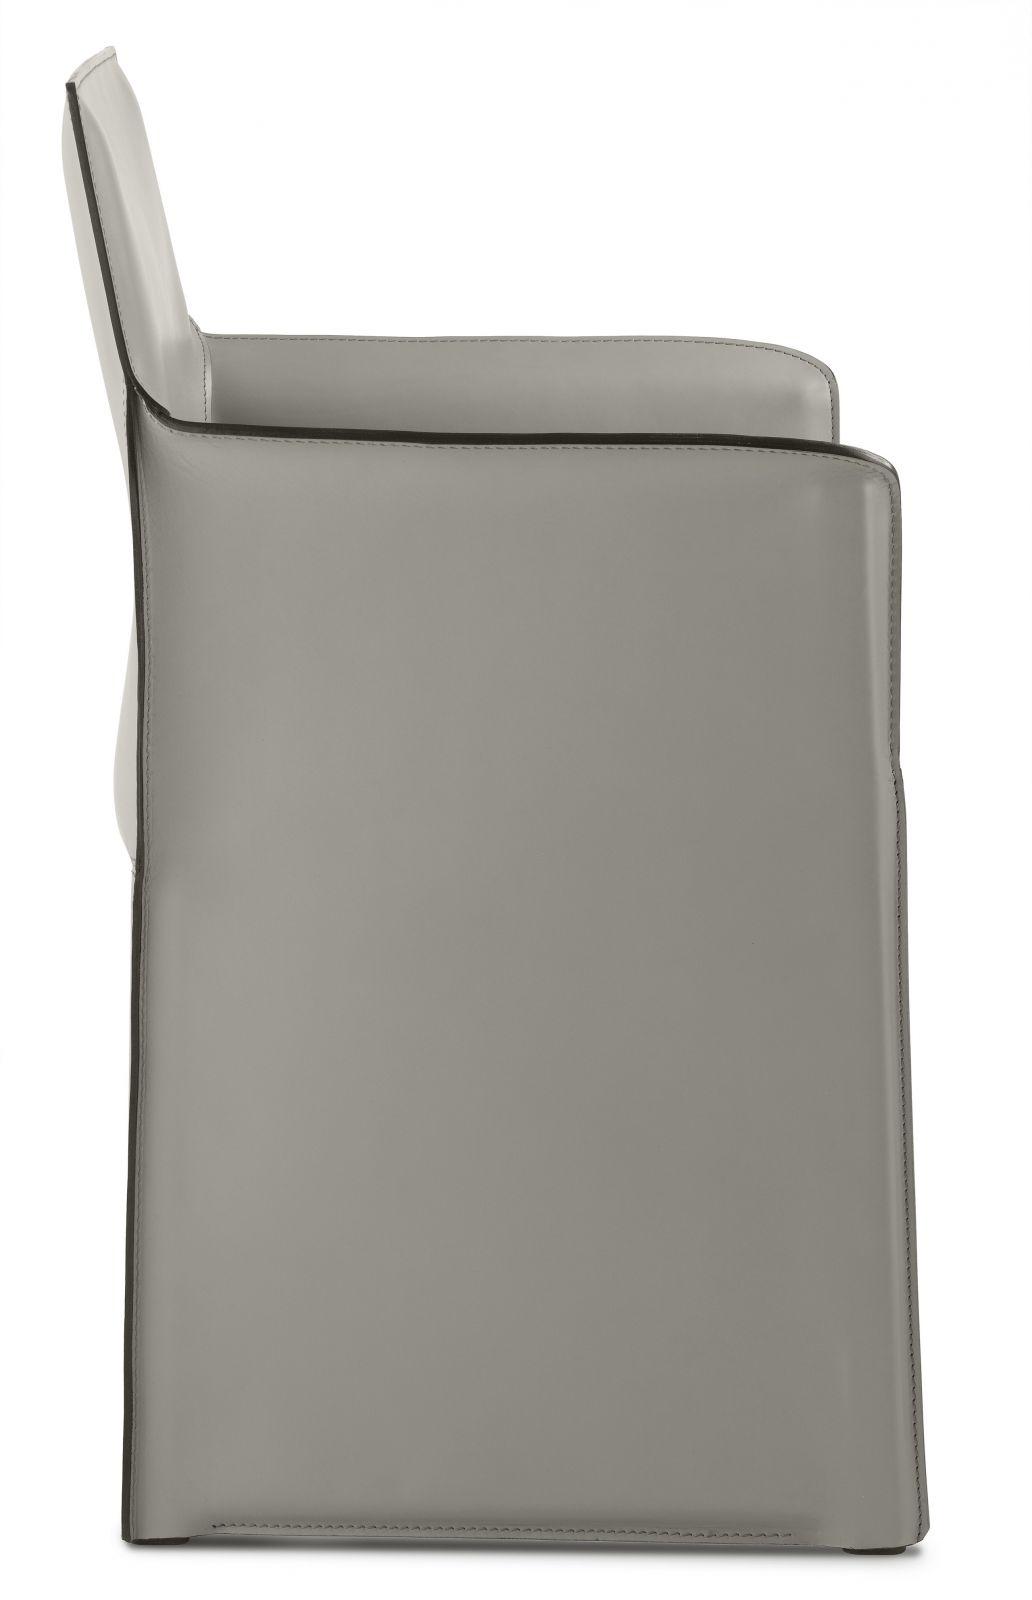 MOF 104 Modern Office Chair